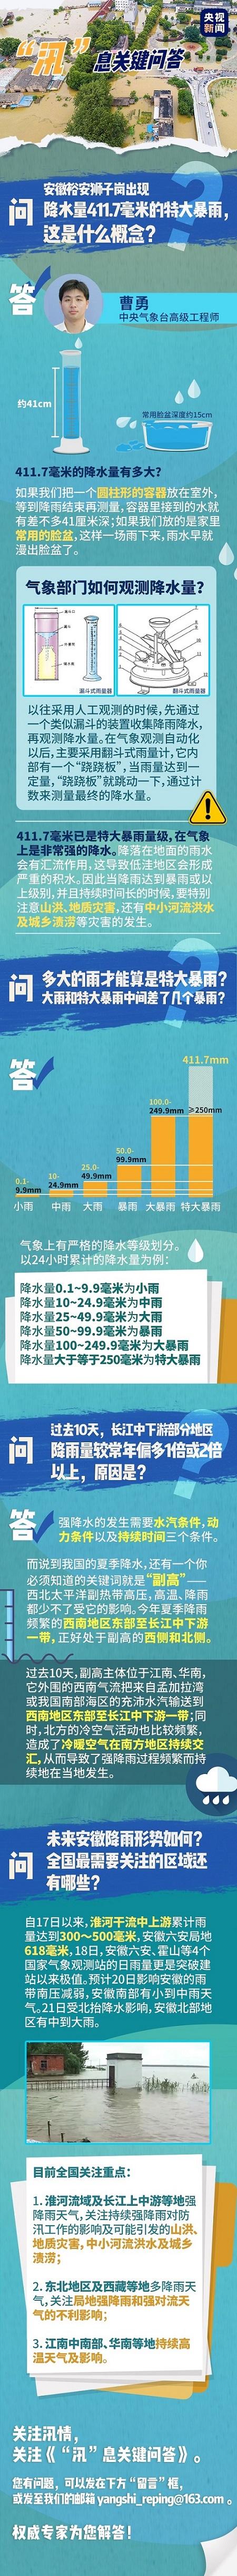 安徽裕安一天降下411.7毫米特大暴雨是什么概念?